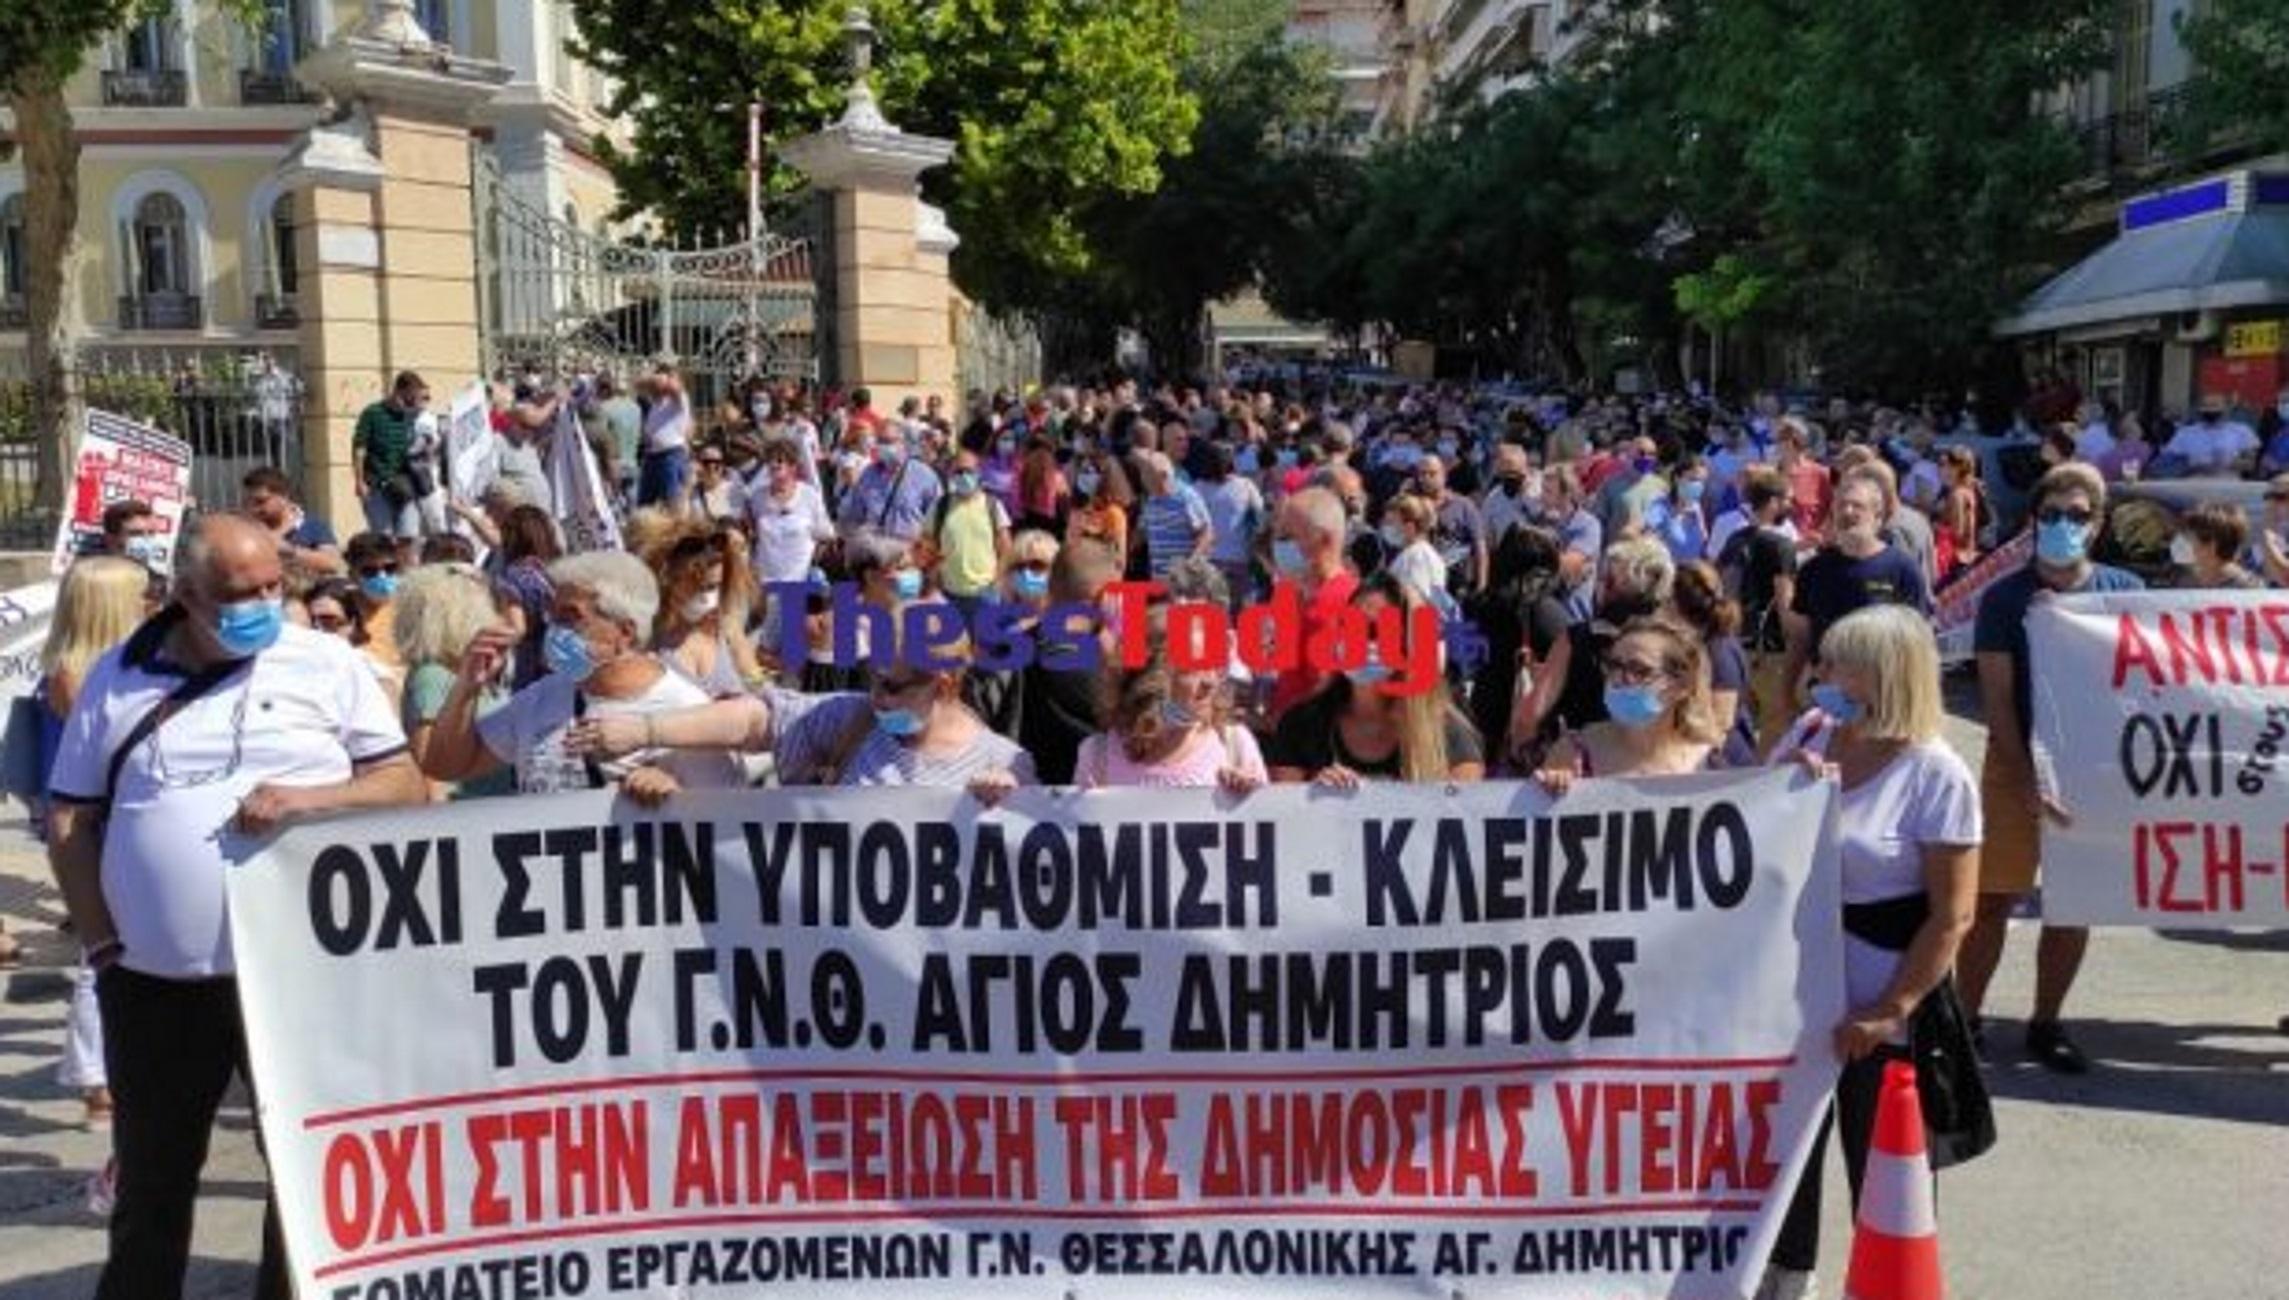 Θεσσαλονίκη: Στους δρόμους με ξαφνική πορεία για τις αναστολές – Νέο ξέσπασμα από υγειονομικούς